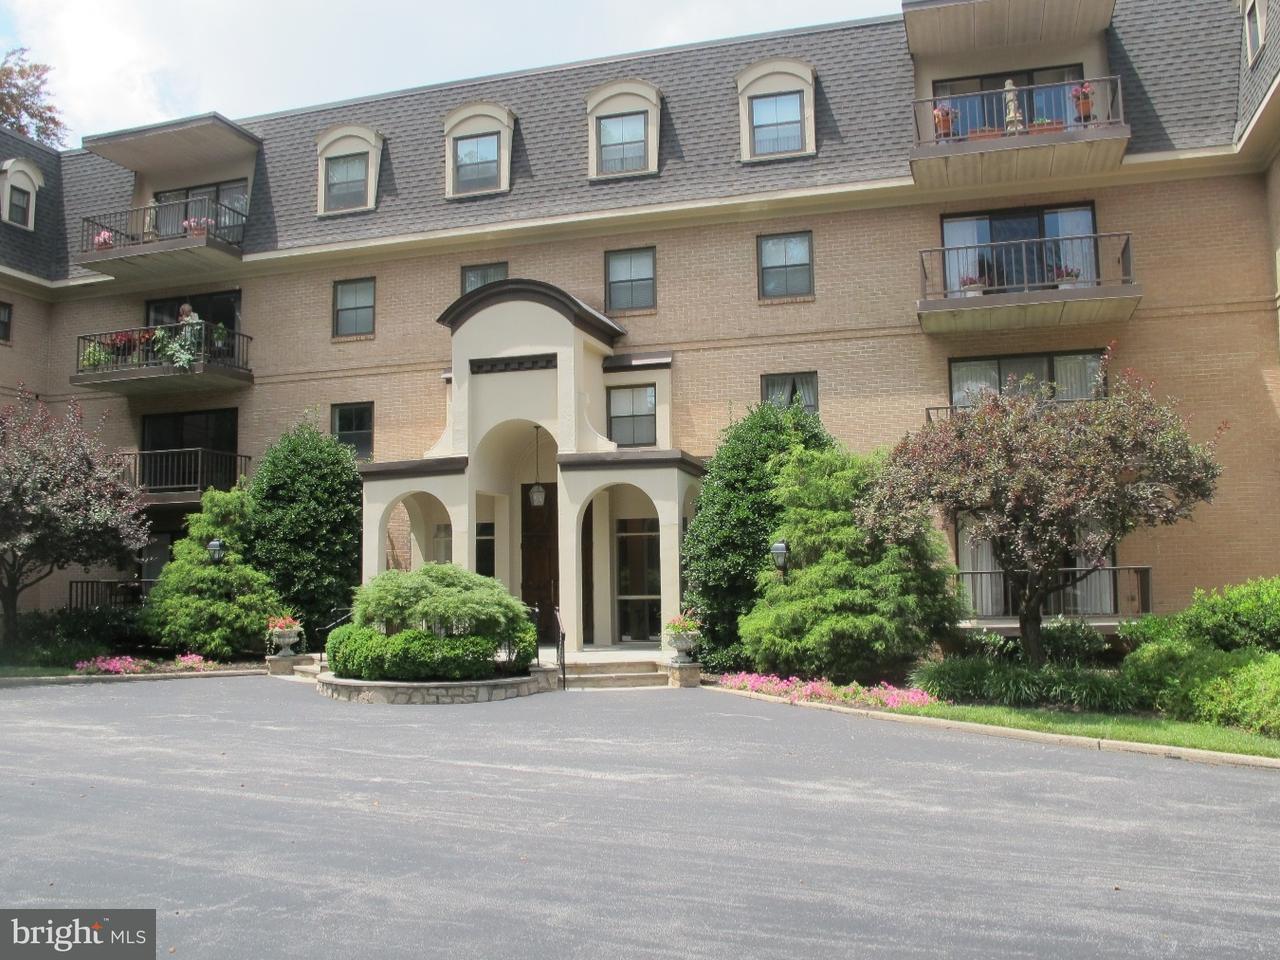 Частный односемейный дом для того Аренда на 601 W MONTGOMERY AVE #305 Bryn Mawr, Пенсильвания 19010 Соединенные Штаты